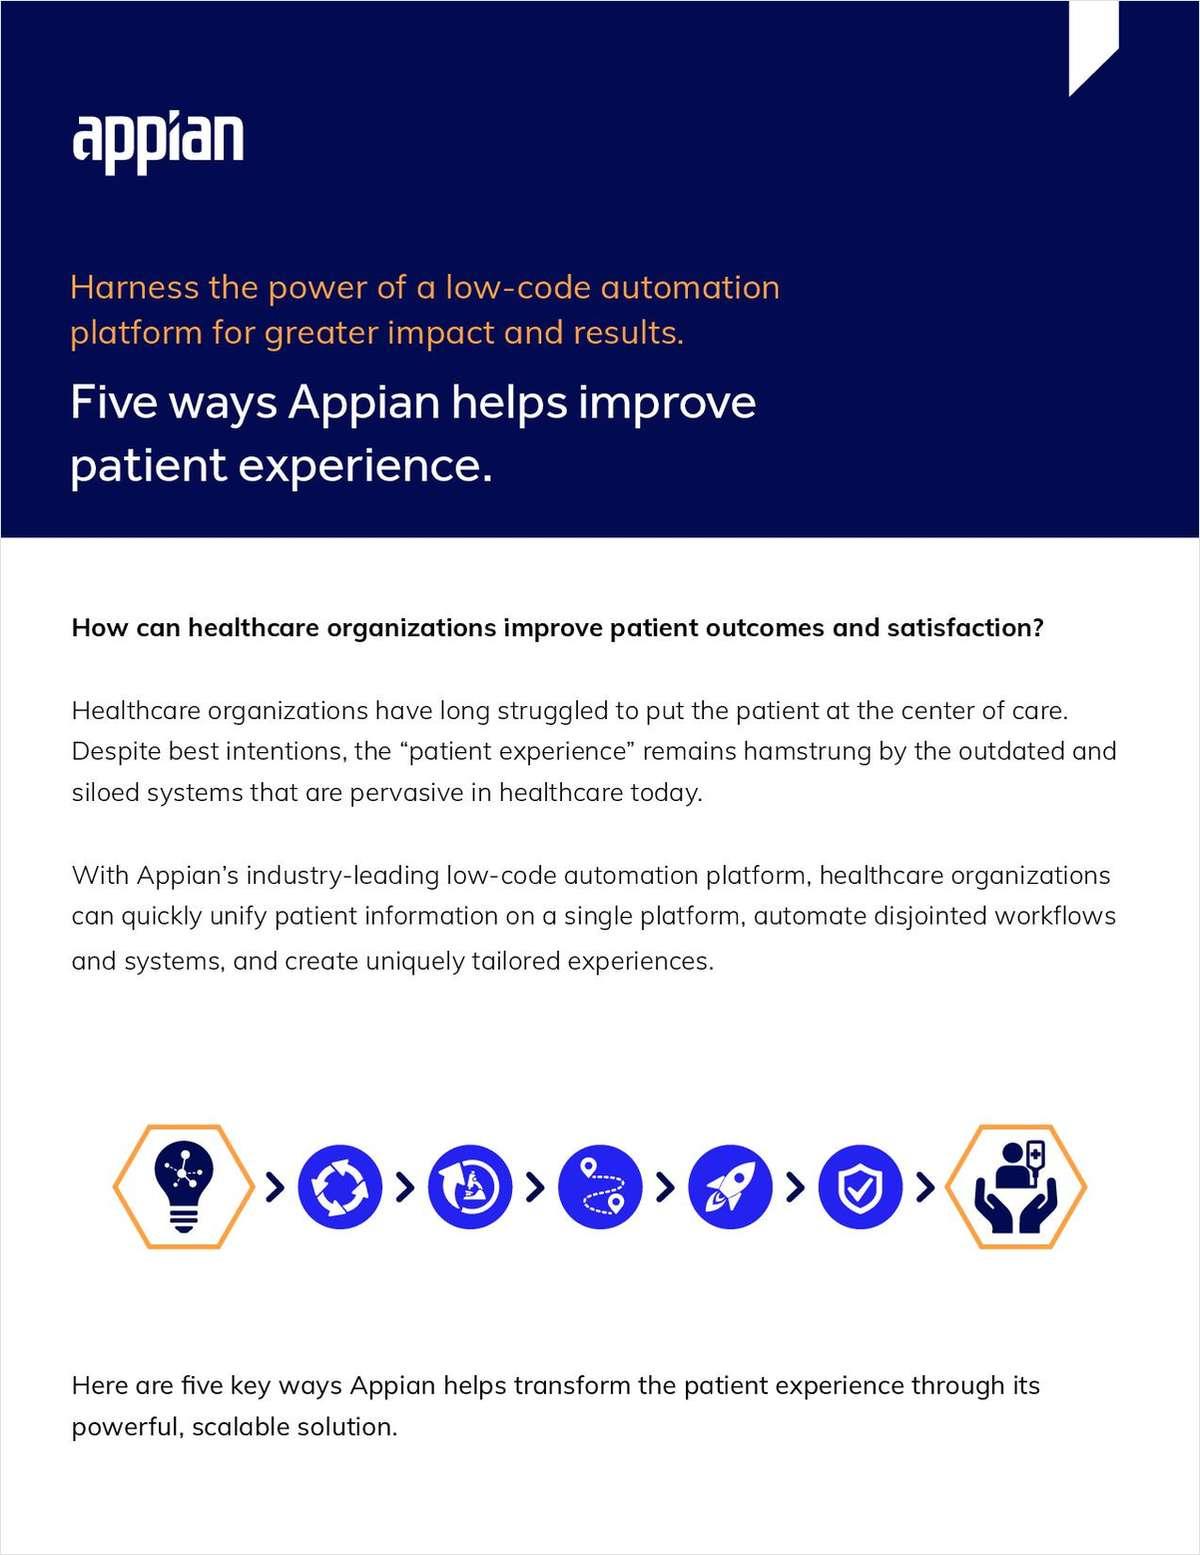 Five ways Appian helps improve patient experience.